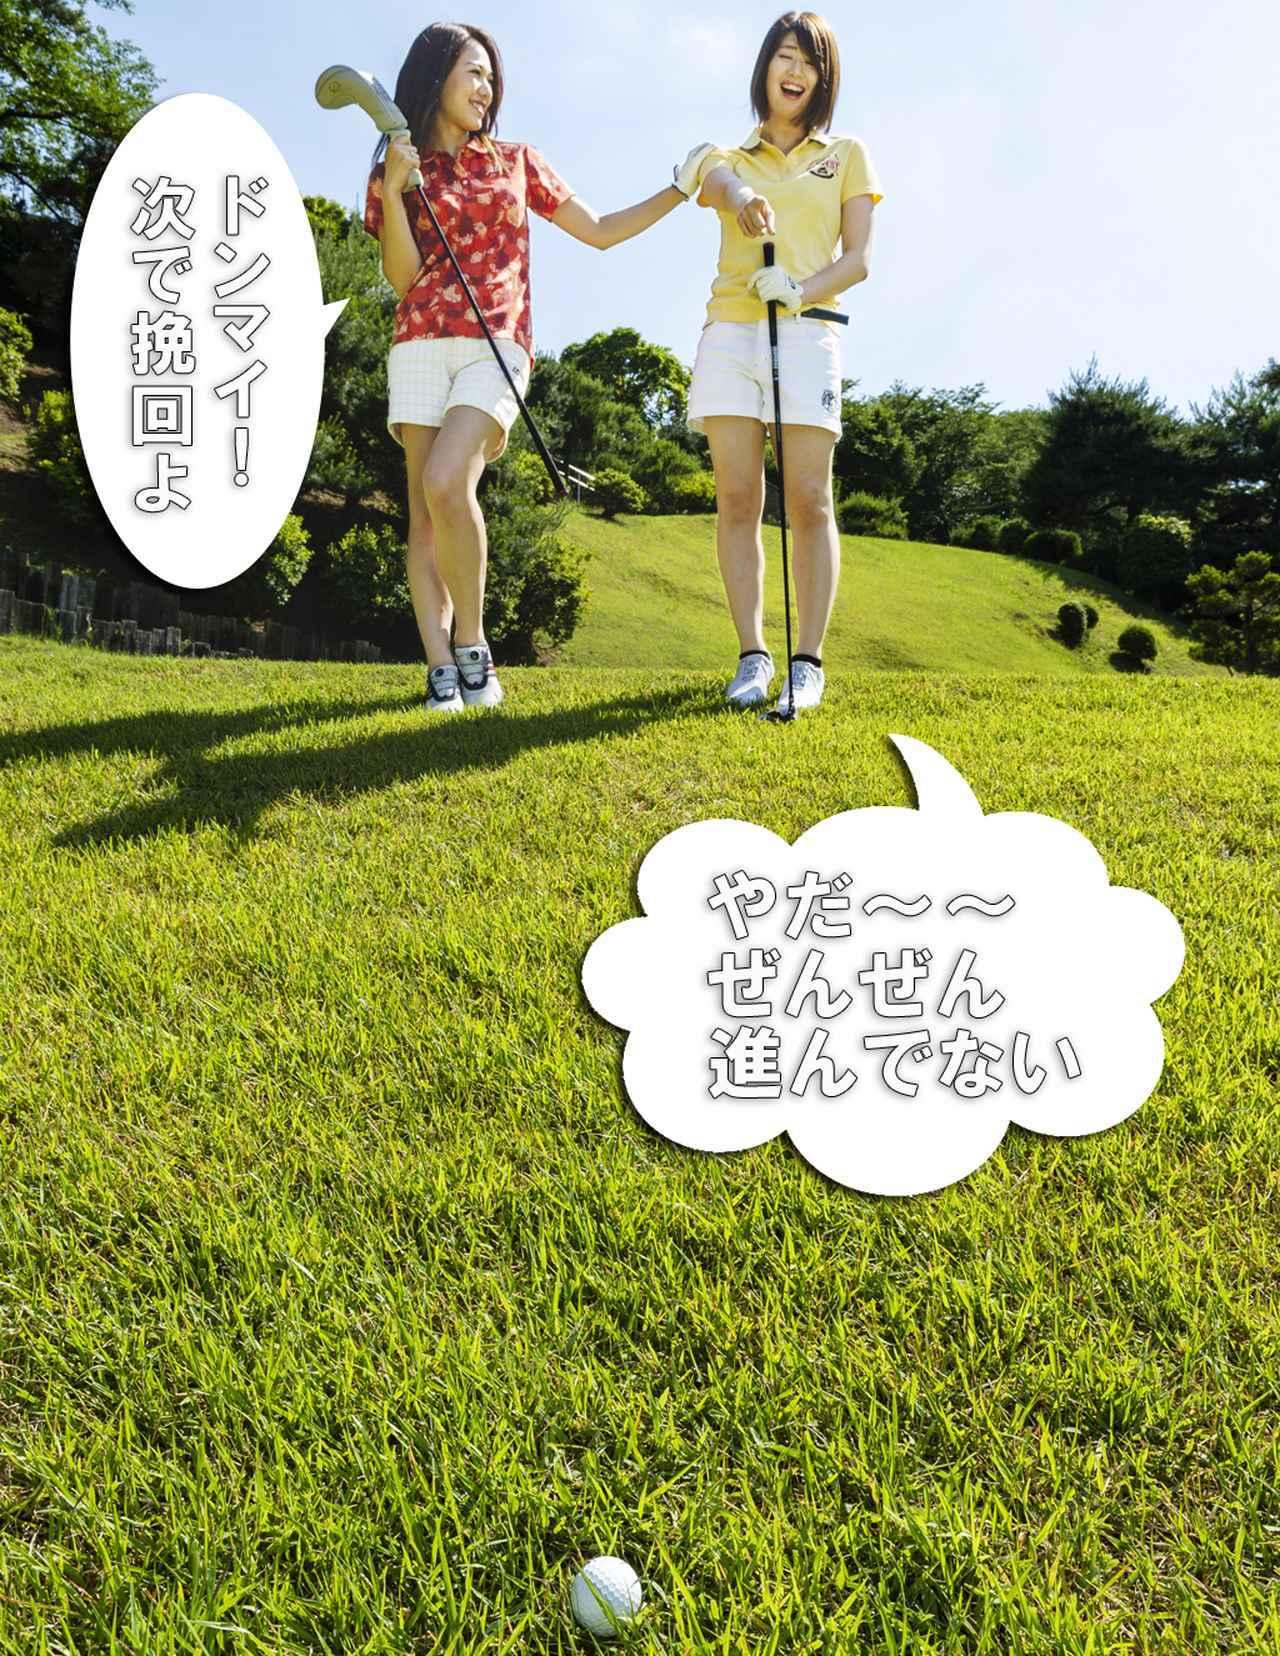 画像: ゴルル会員番号47満石奈々葉(写真左)、ゴルル会員番号52須貝香菜美(写真右)